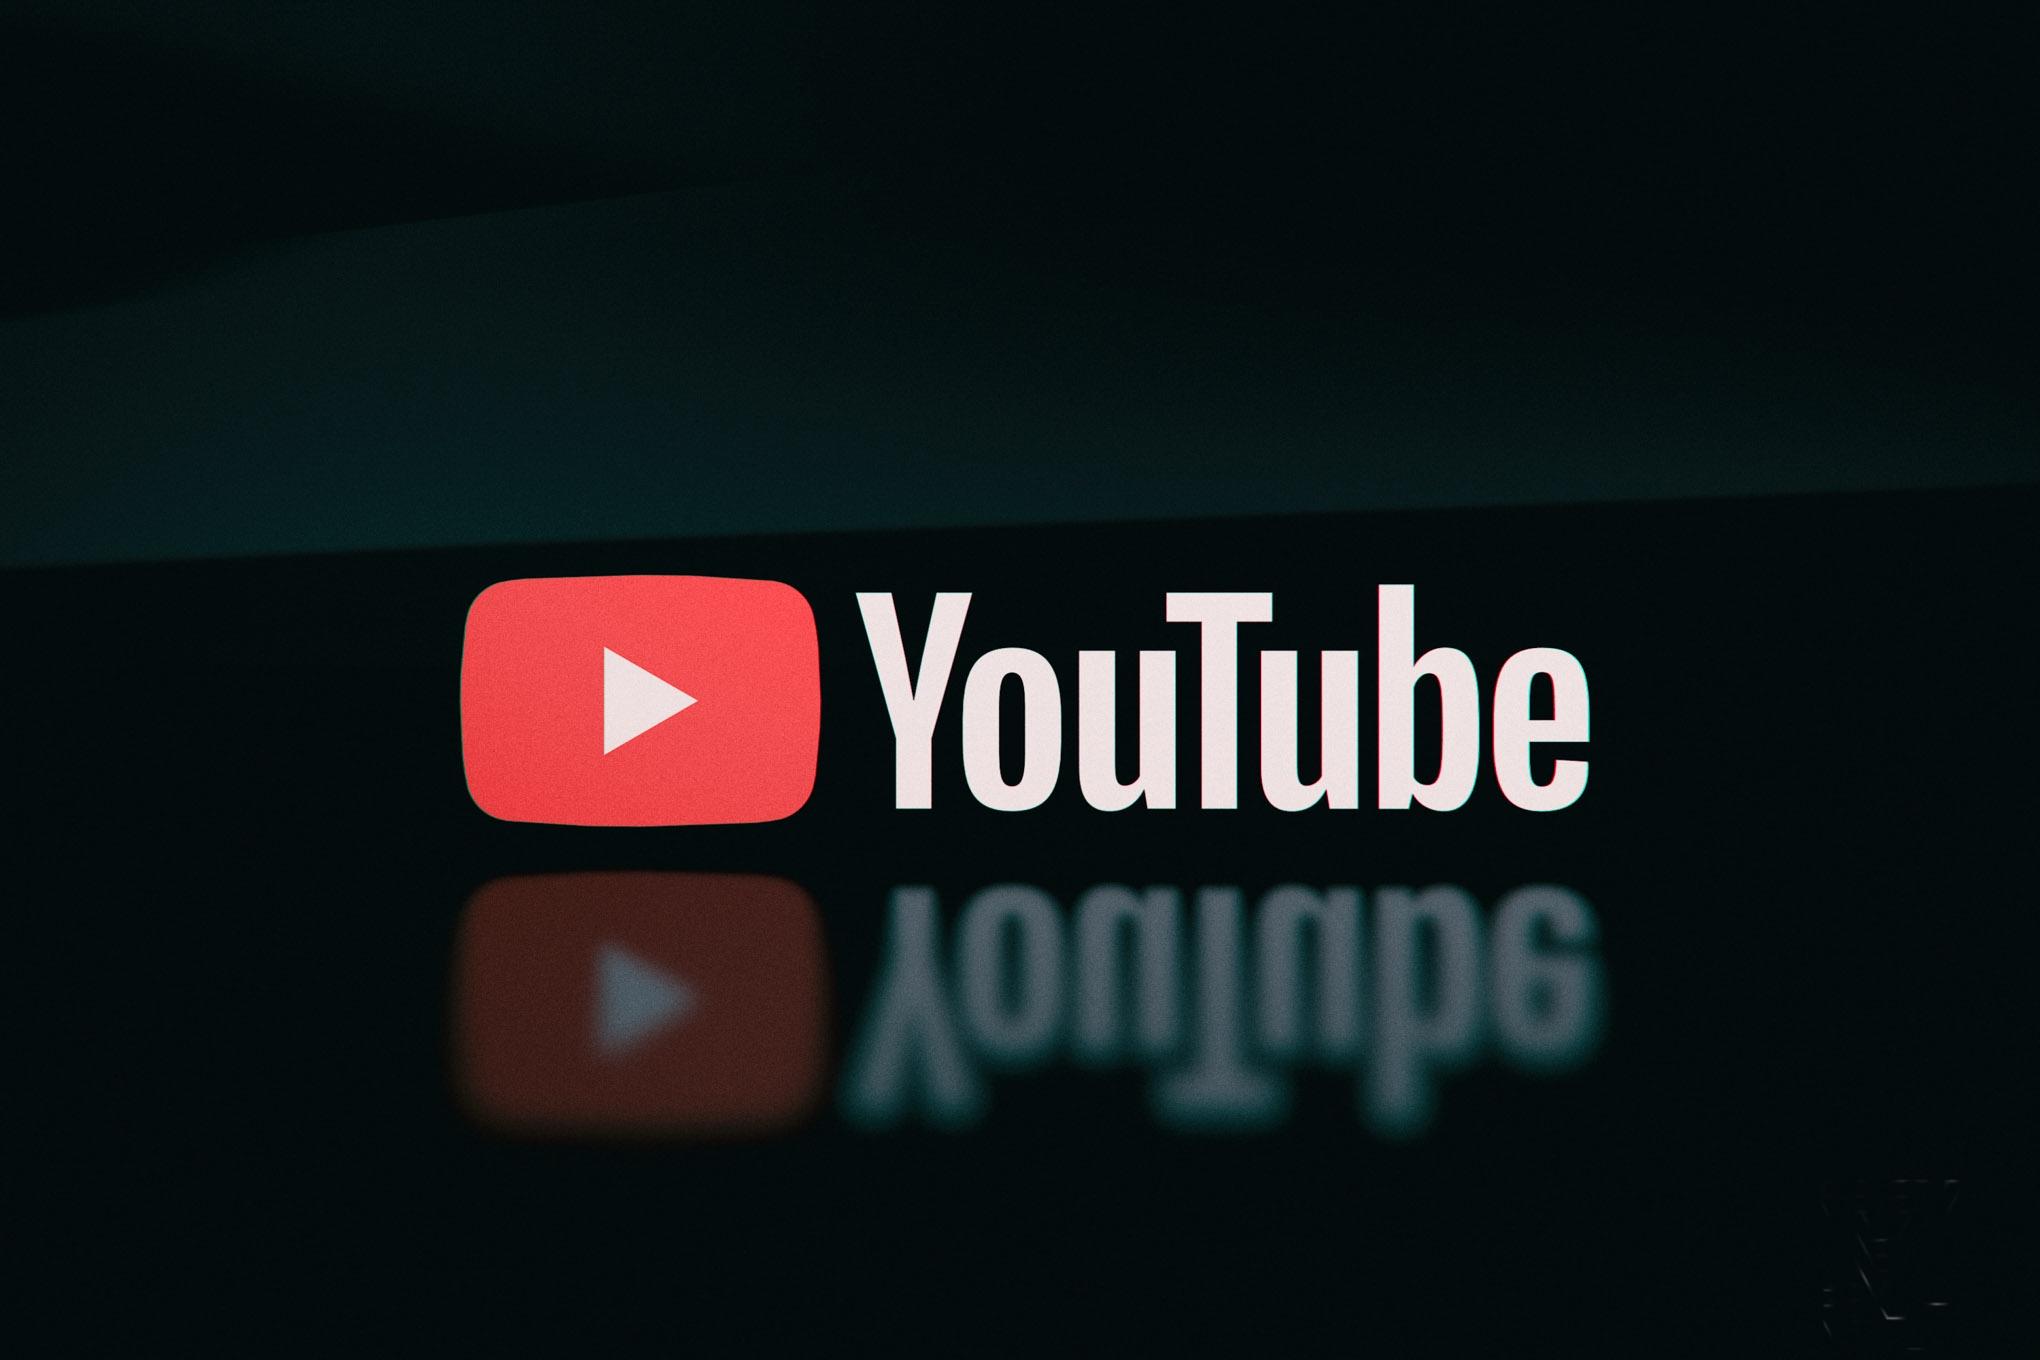 Годовая рекламная выручка You Tube впервые превысила $15 млрд число подписчиков You Tube Music и Premium перевалило за 20 млн